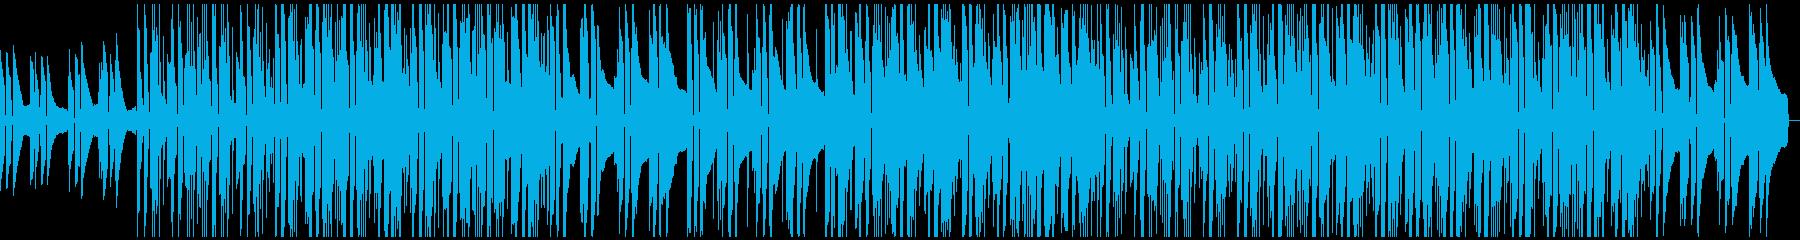 ゆったりまったりHipHop その4の再生済みの波形